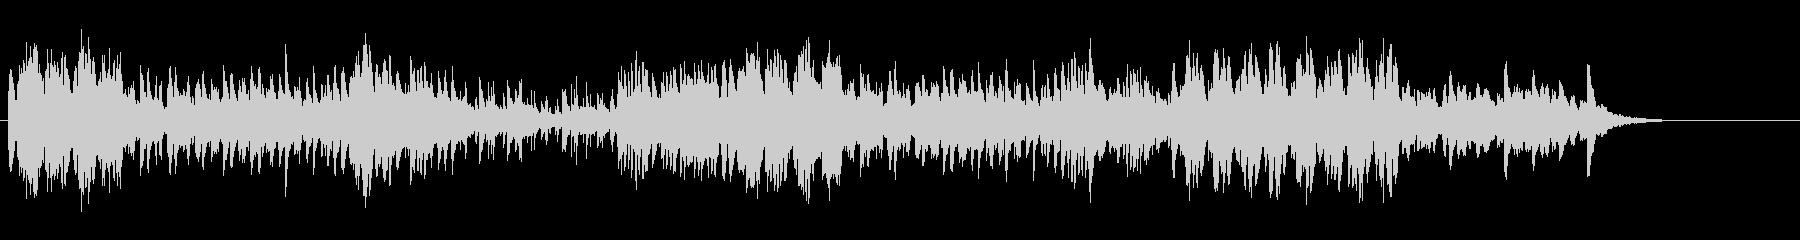 マリンバ・鉄琴・木琴などによる高速五重奏の未再生の波形